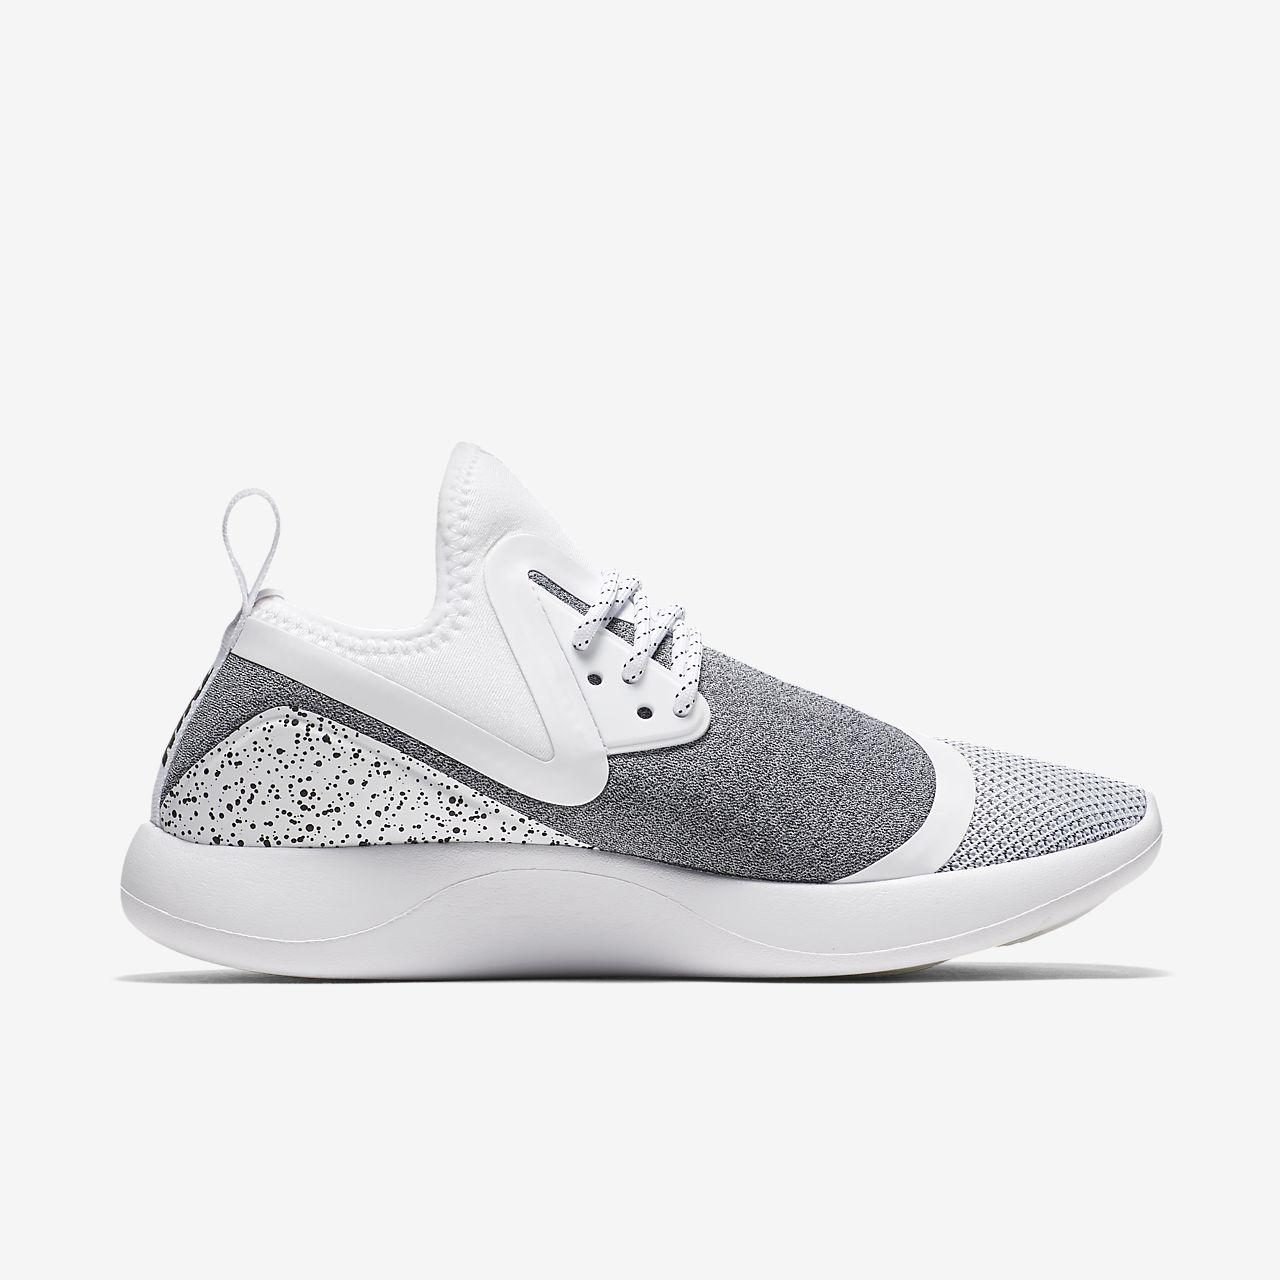 réduction 2015 Nike Frais Lunaire Des Femmes De Converse Blanc boutique réel à vendre parfait rabais T40ZNbhsDD